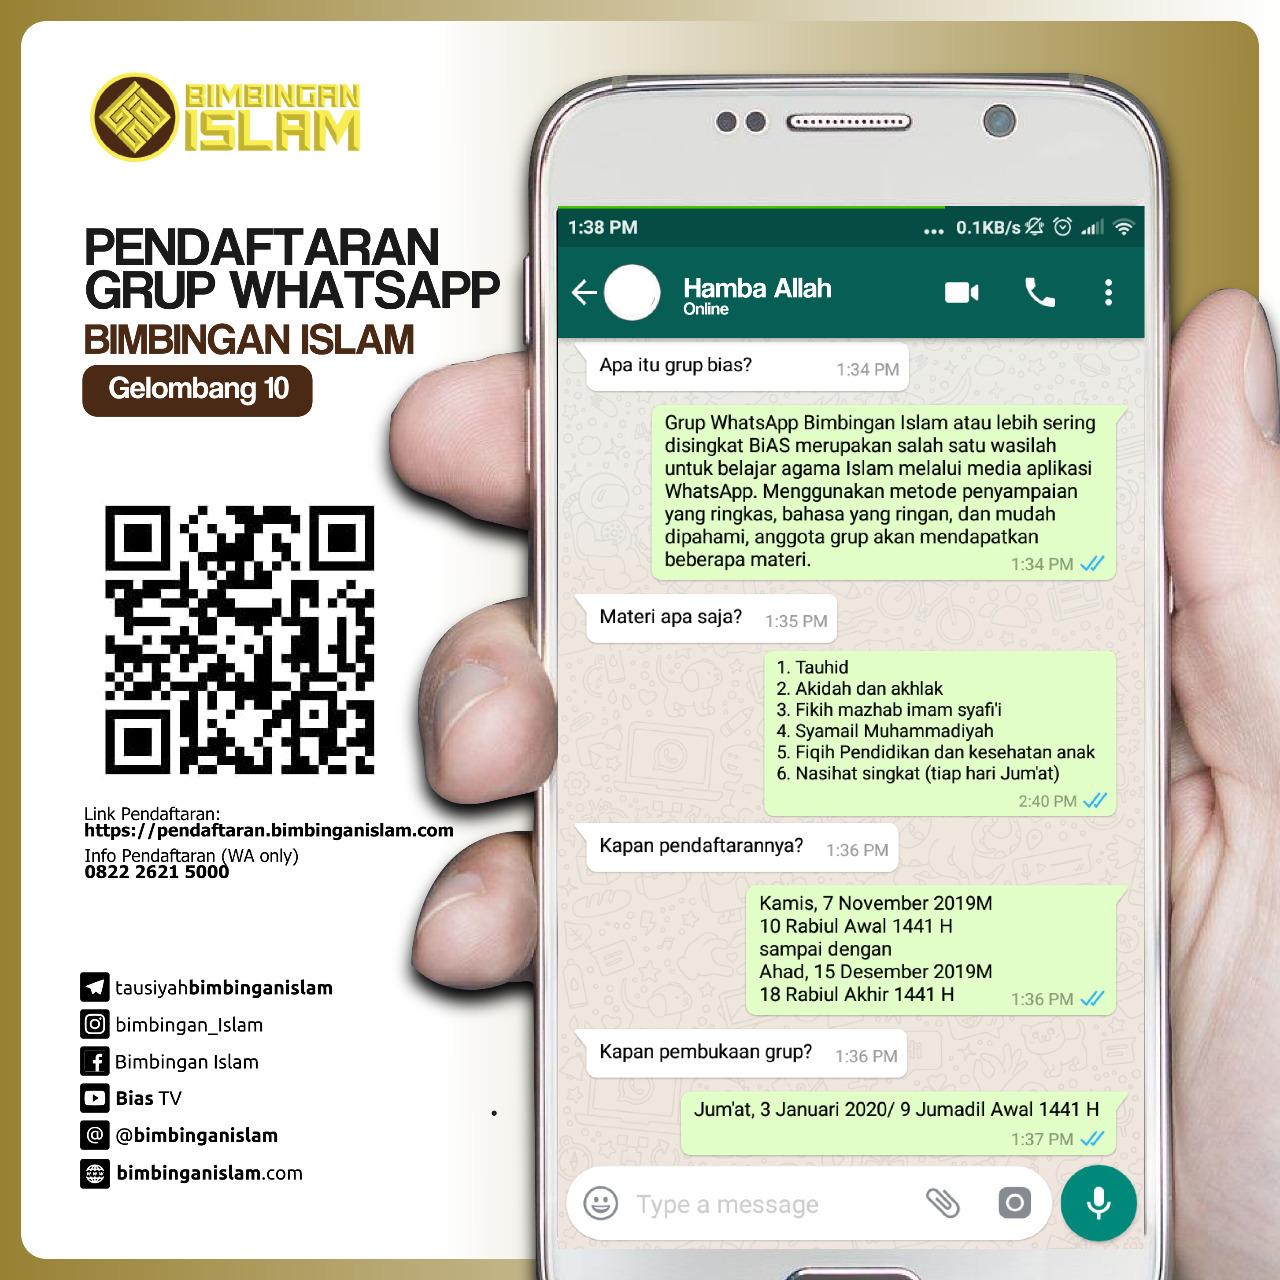 PENDAFTARAN Grup WhatsApp BIMBINGAN ISLAM Gelombang 10